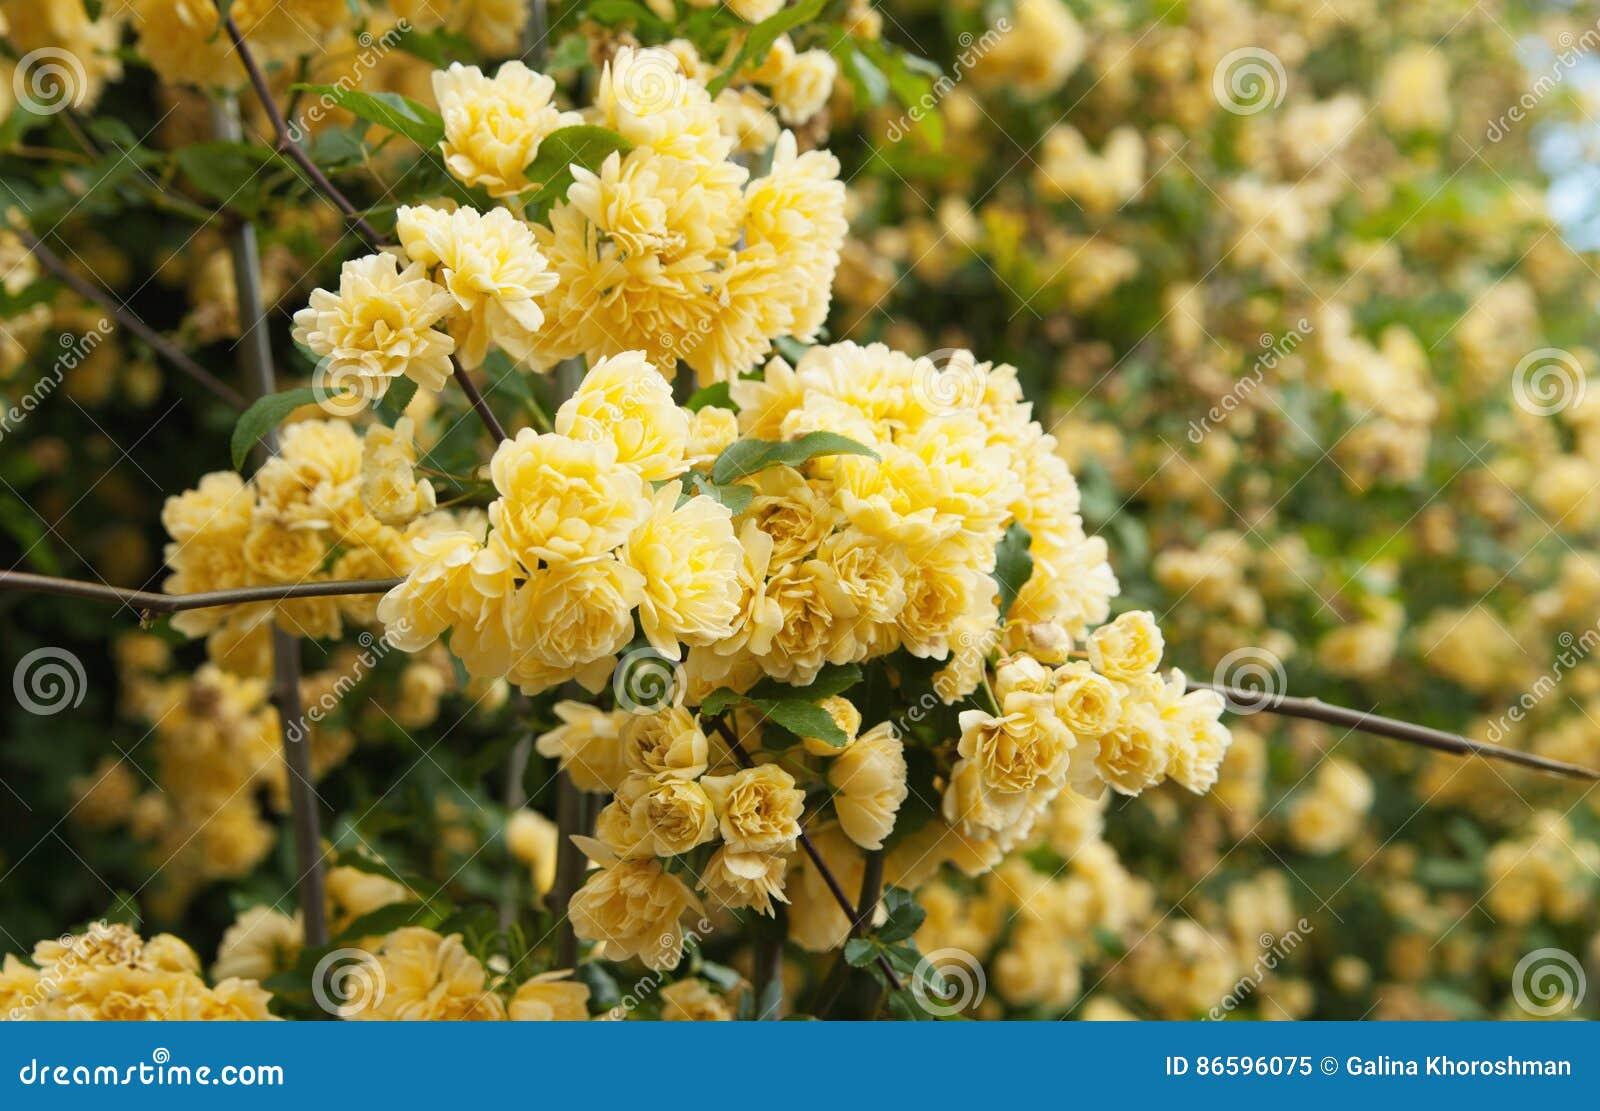 Rampicante Fiori Gialli.Fiori Gialli Della Rosa Rampicante Immagine Stock Immagine Di